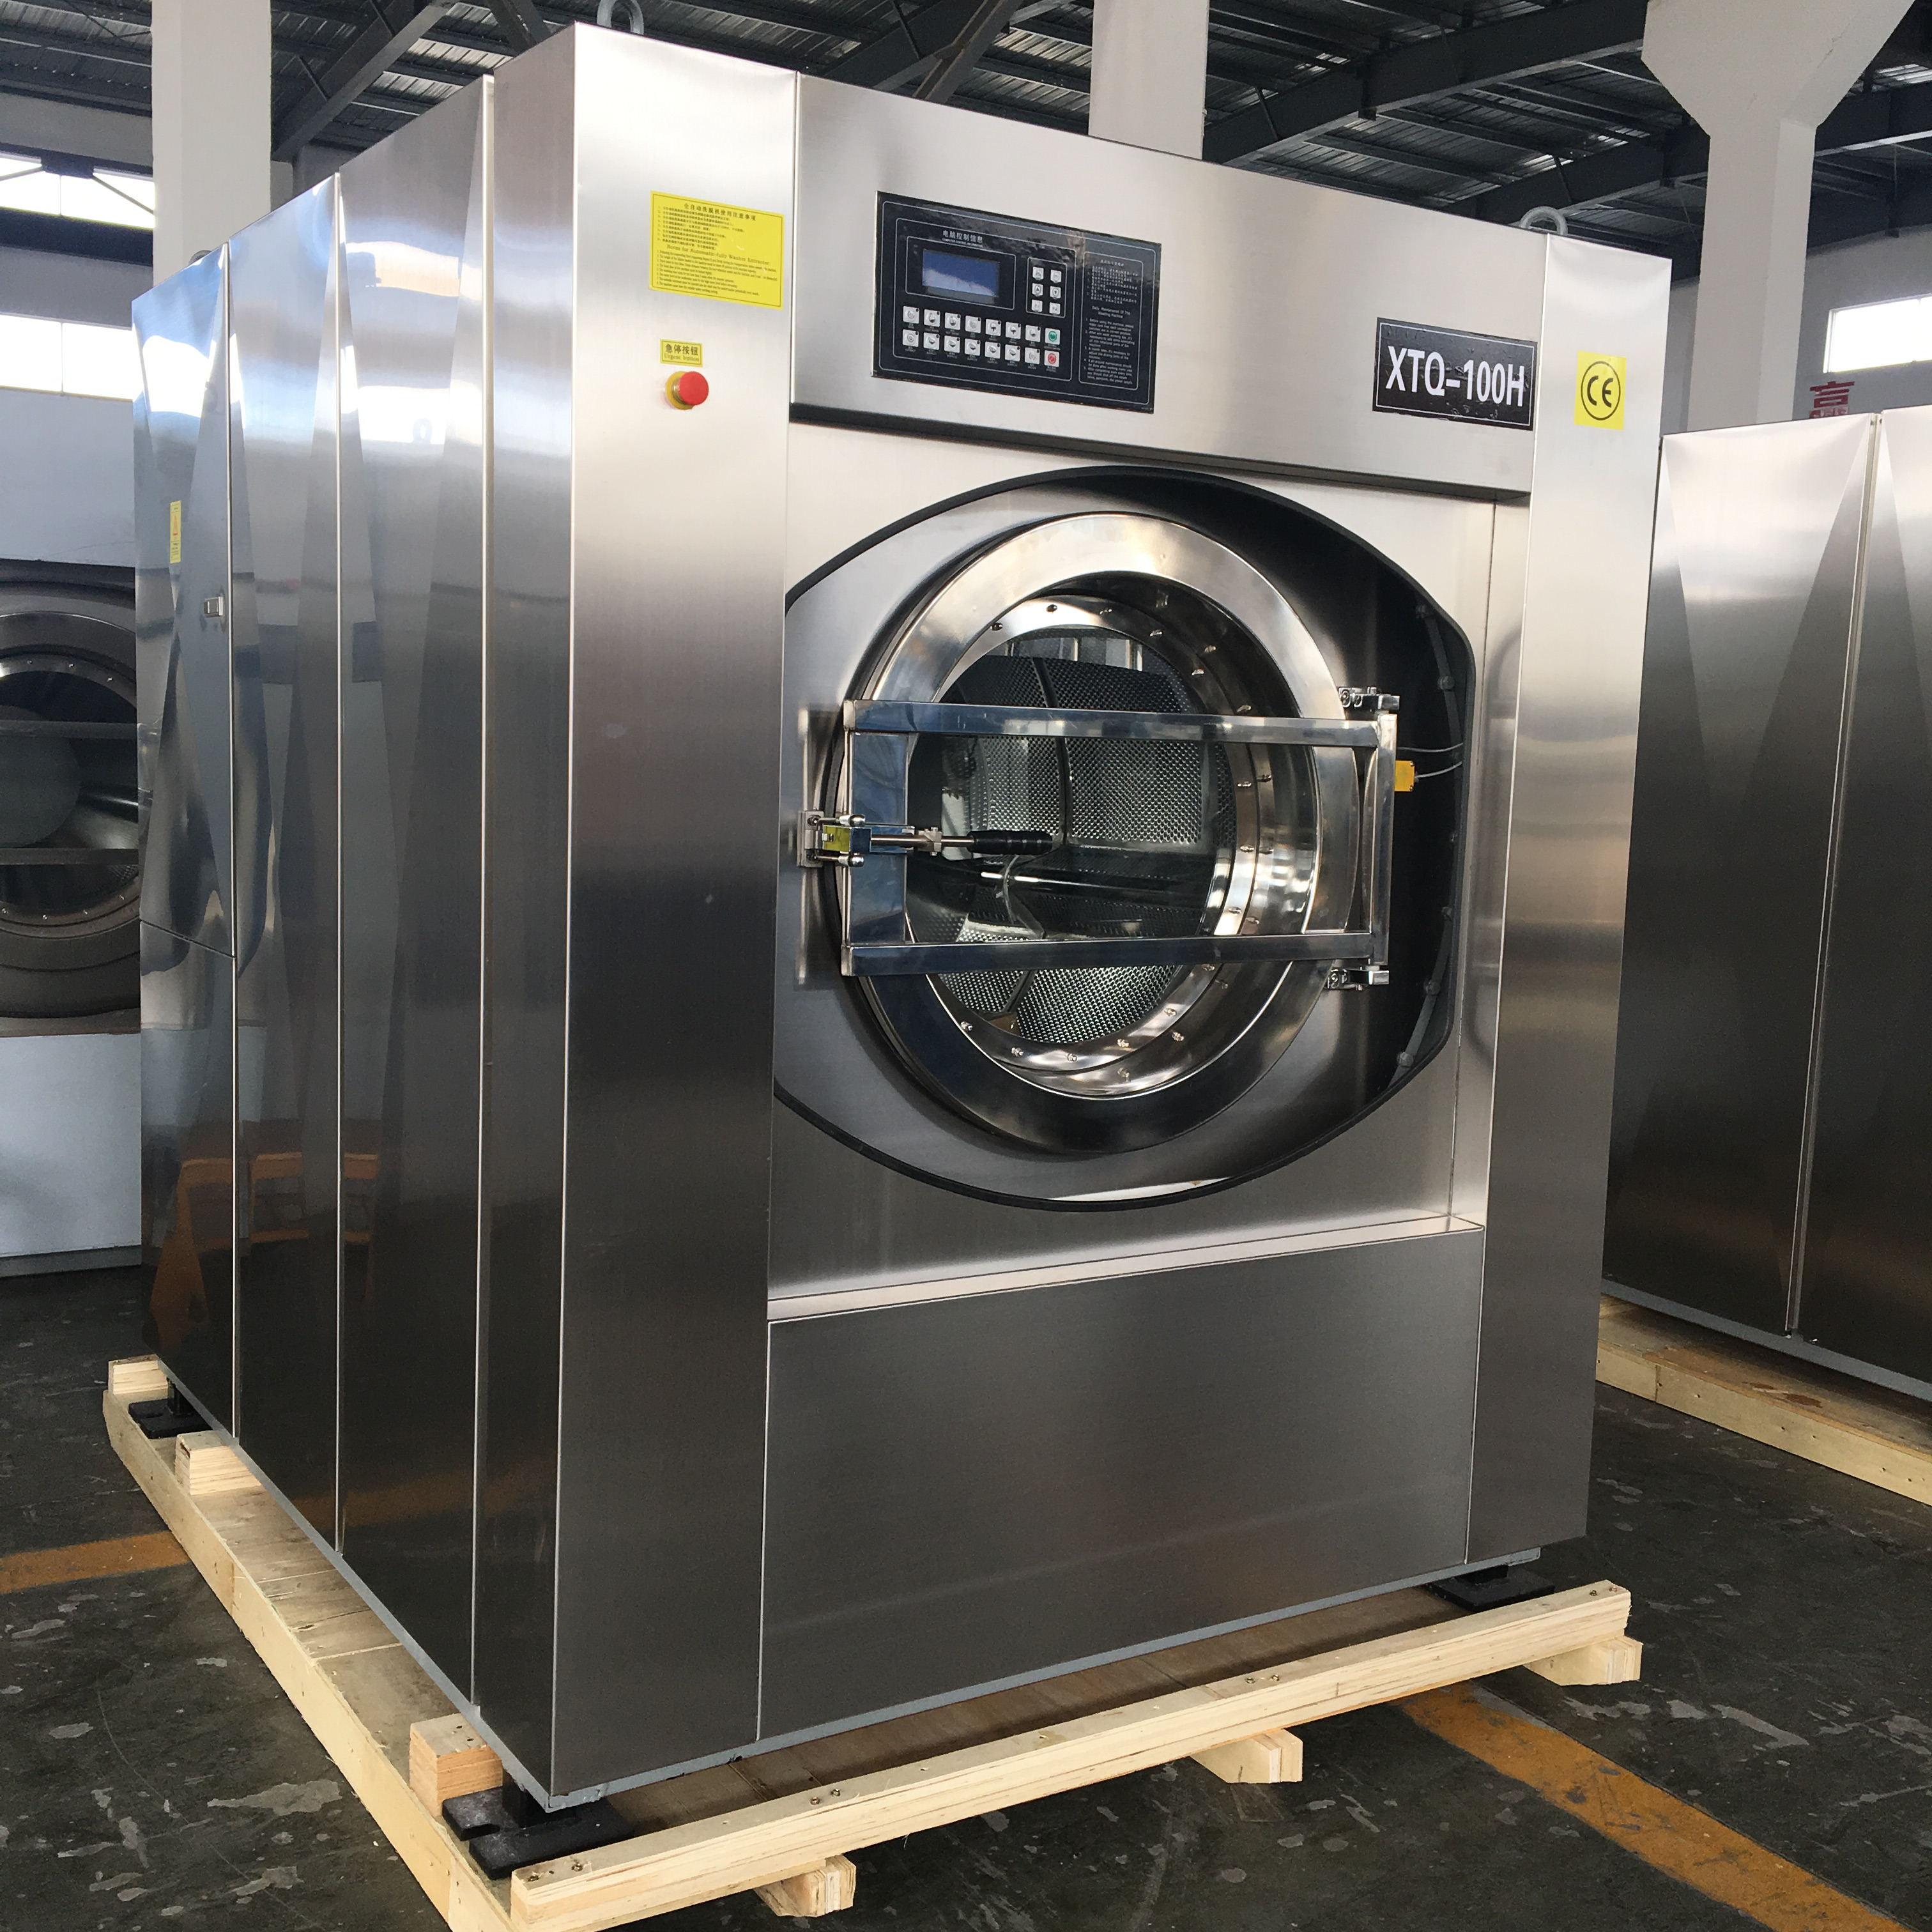 Коммерческий Прачечная больница 100 кг стиральная машина экстрактор оборудование